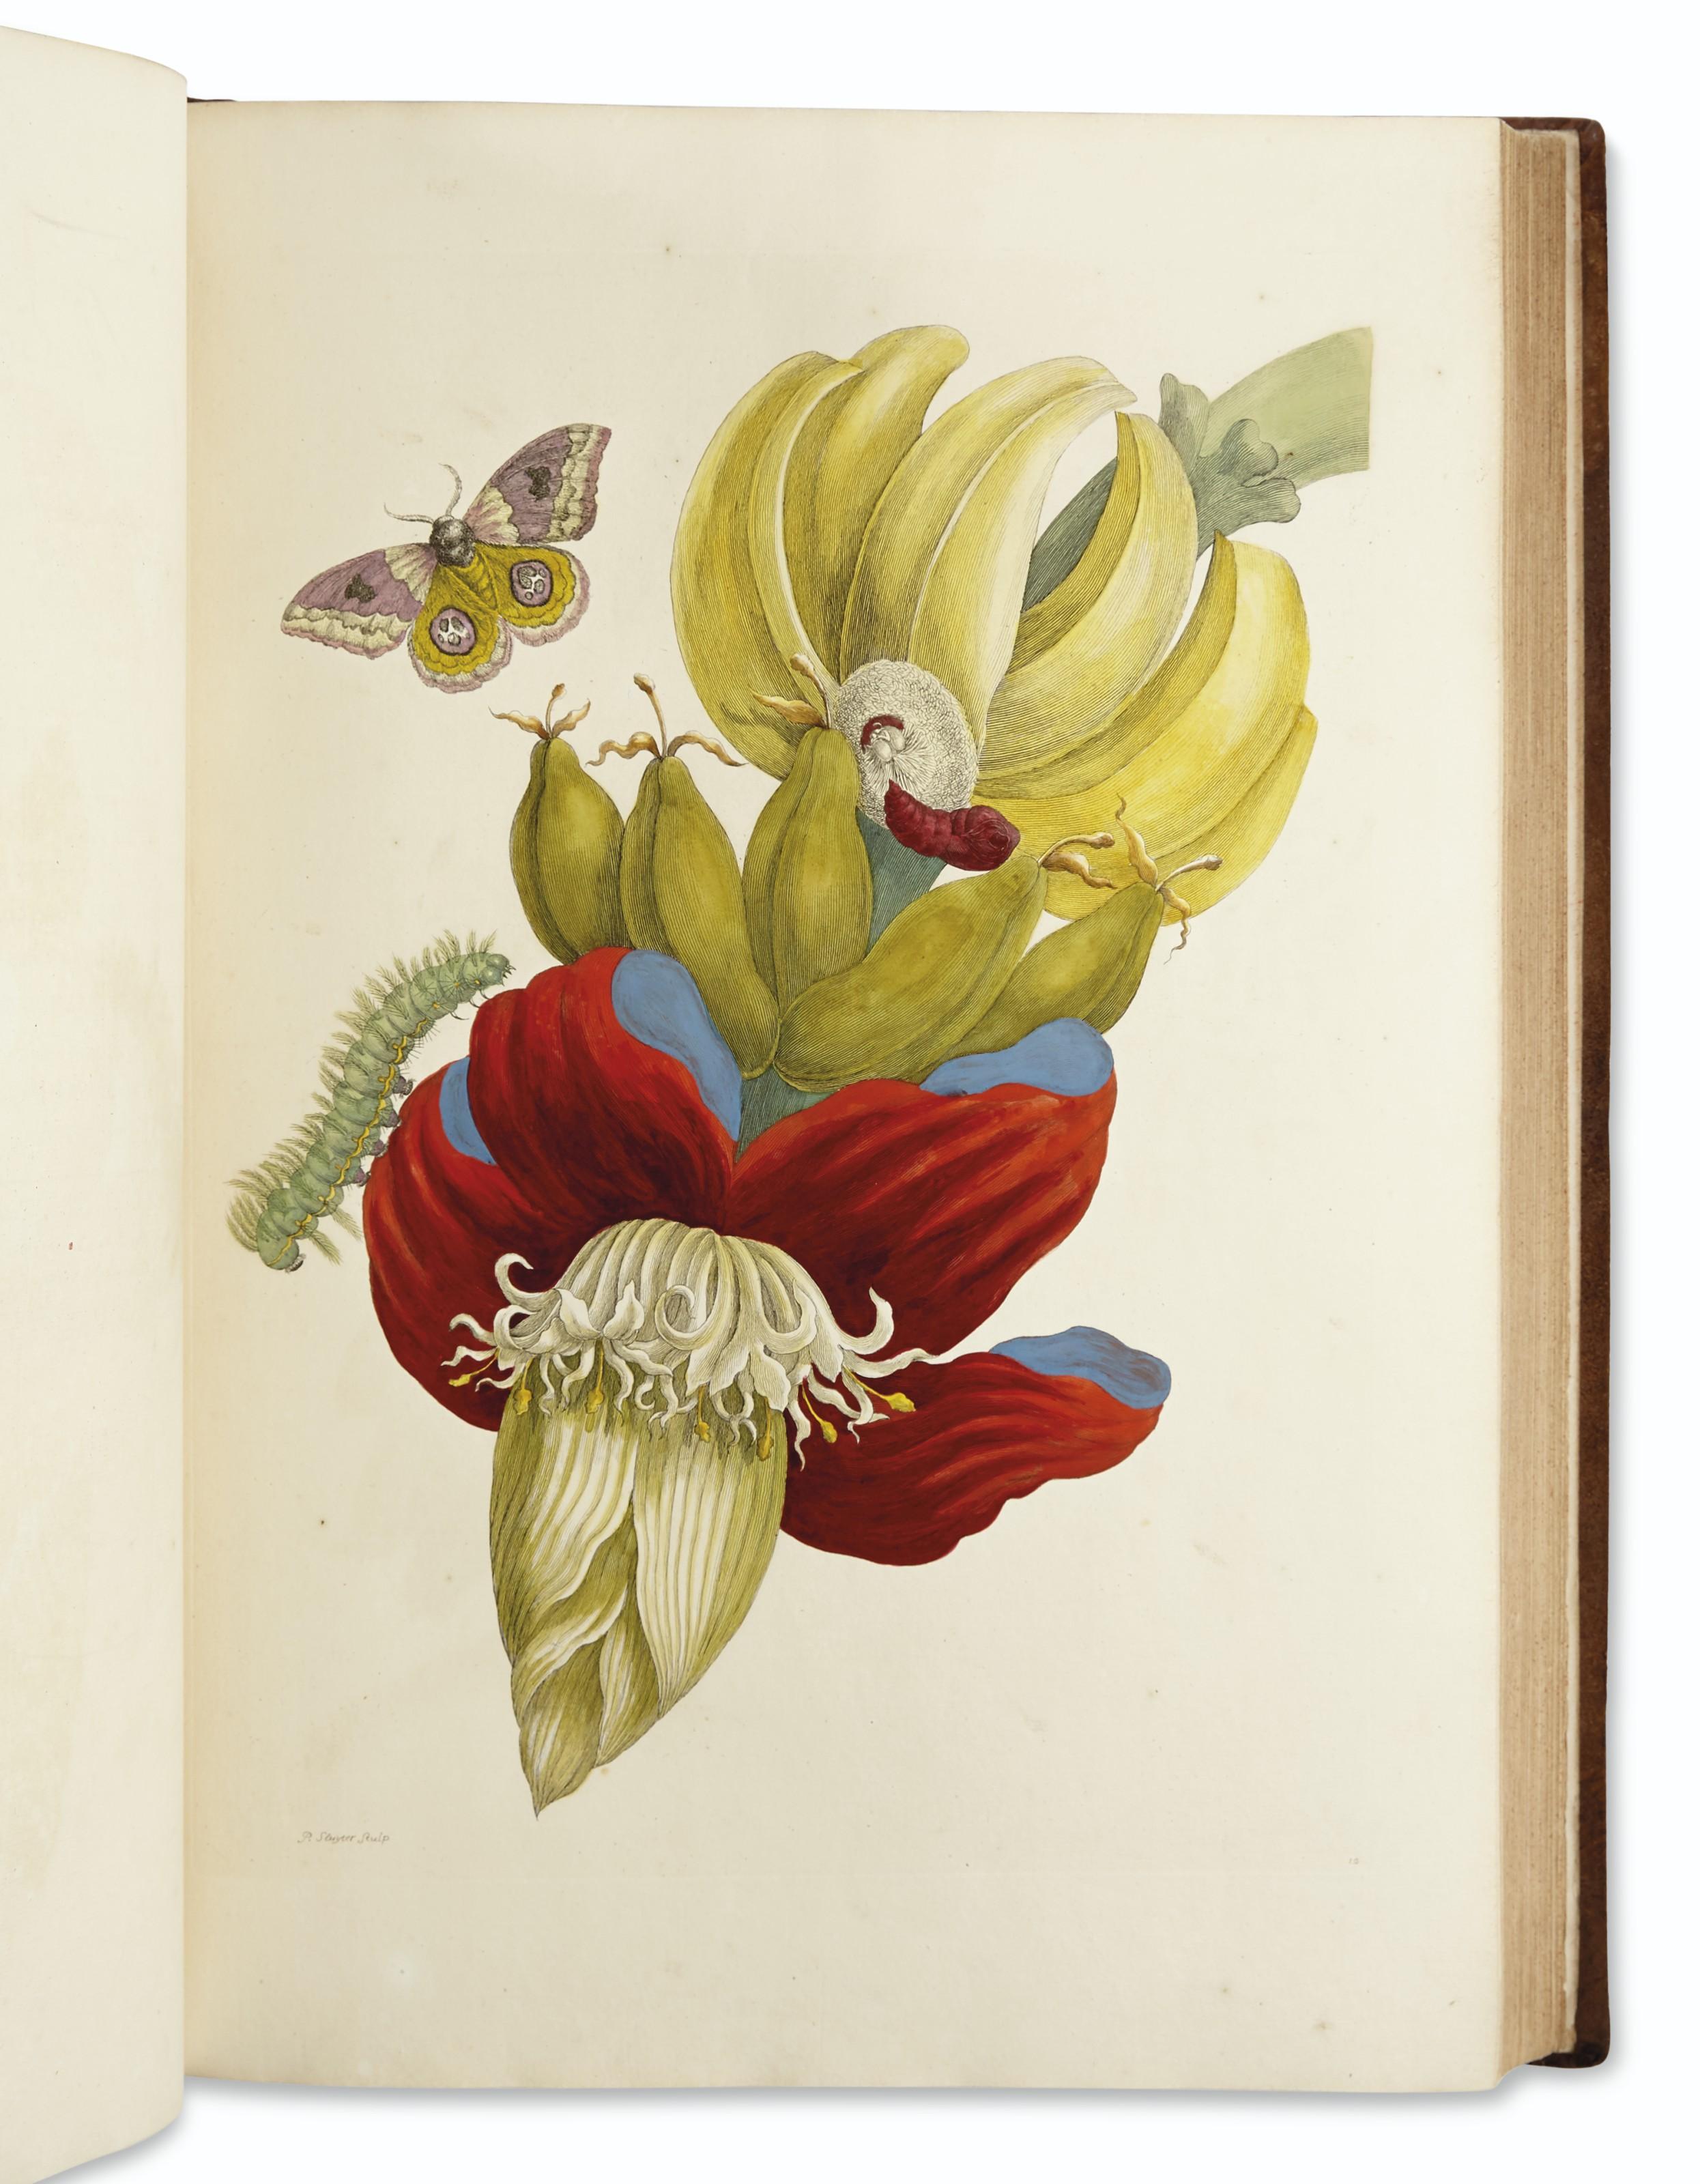 MERIAN, Maria Sibylla (1647-1717). Dissertatio de generatione et metamorphosibus insectorum Surinamensium. Amsterdam: J. Oosterwyk, 1719.